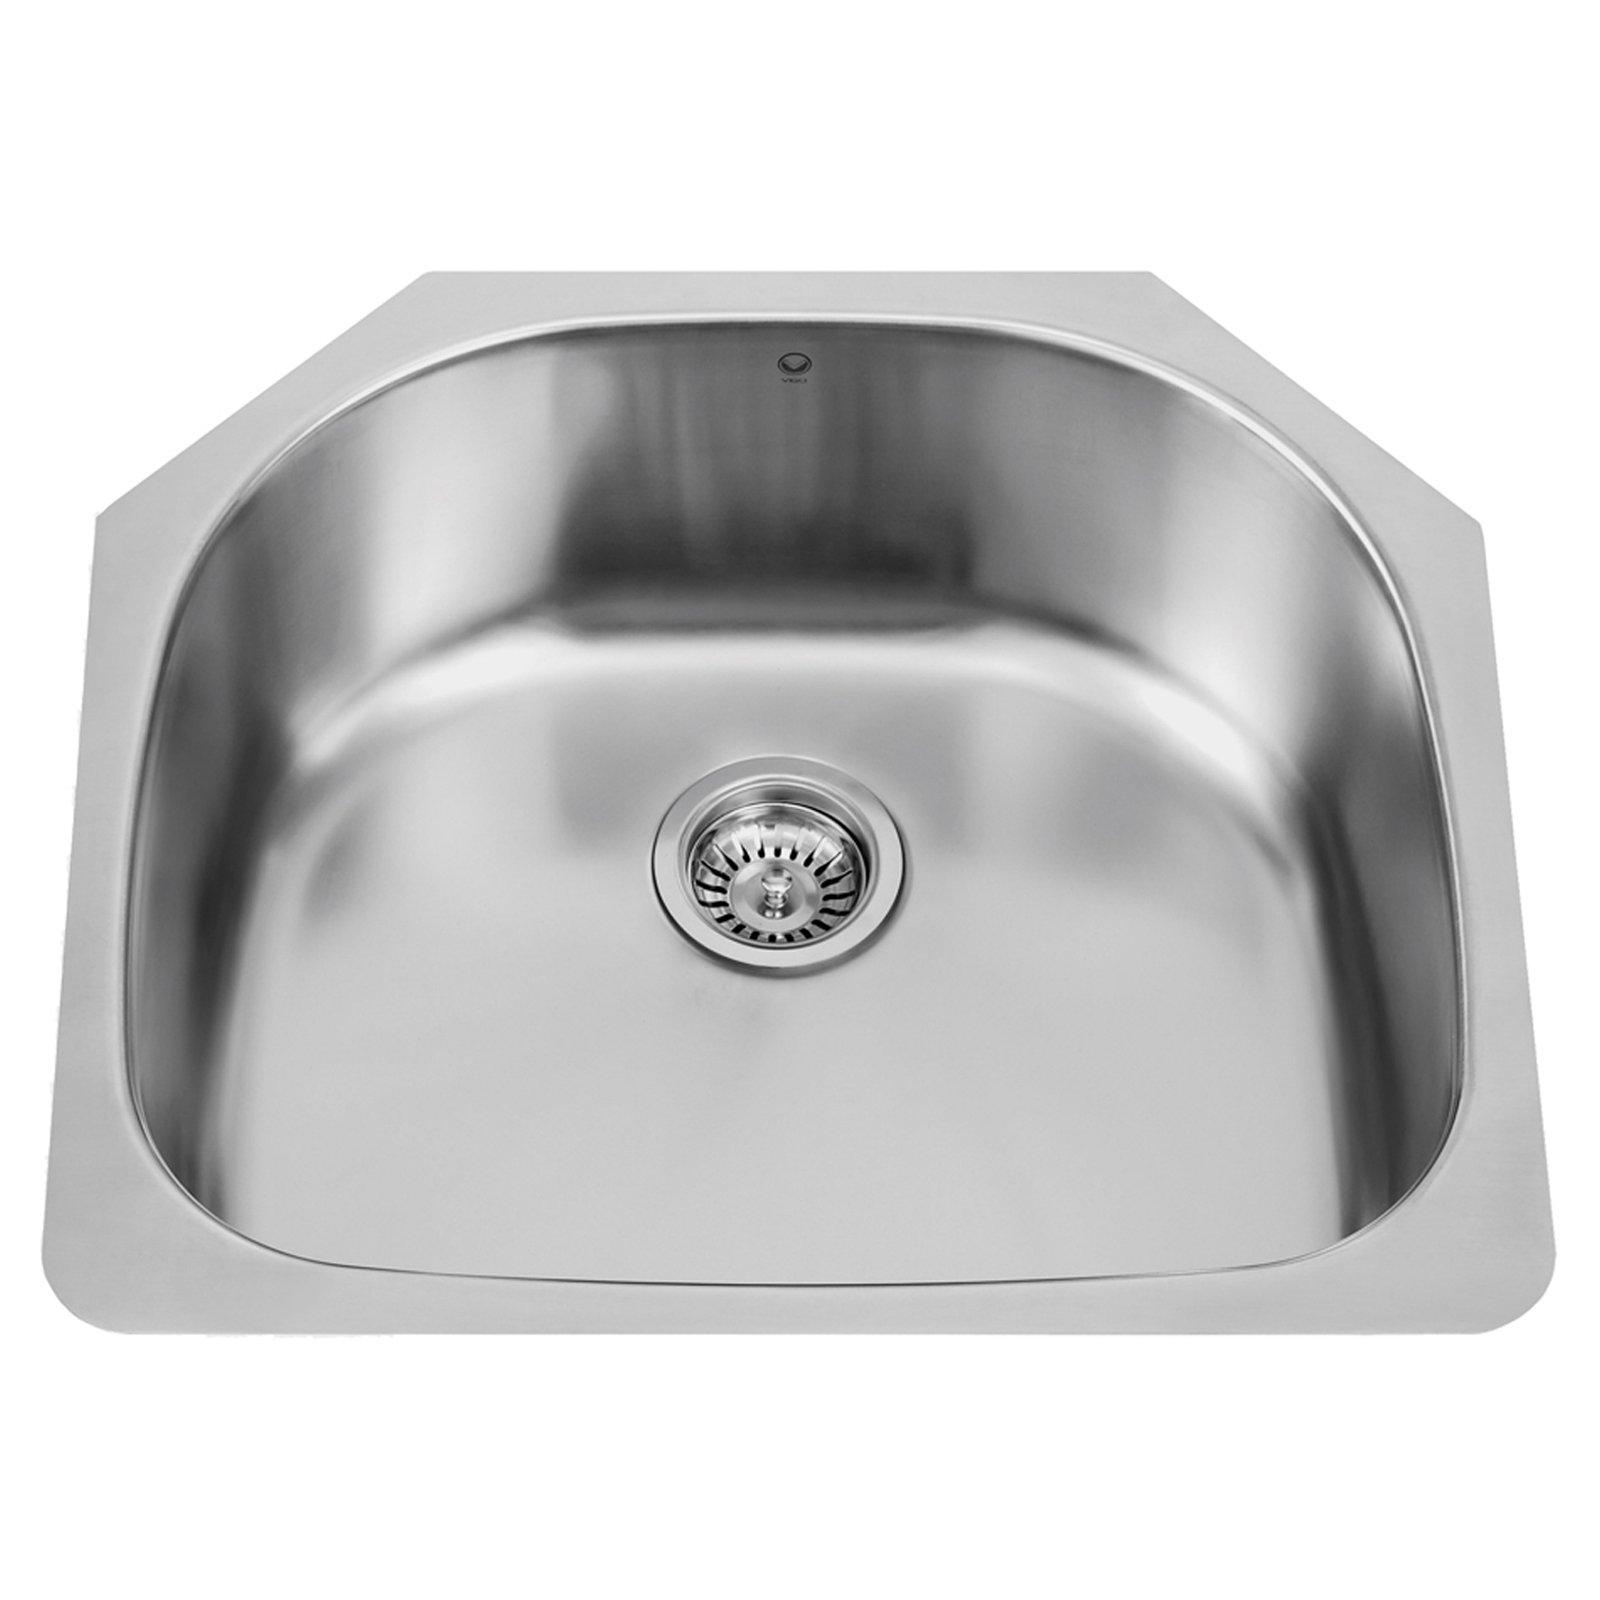 Vigo VG2421 Single Basin Undermount Kitchen Sink